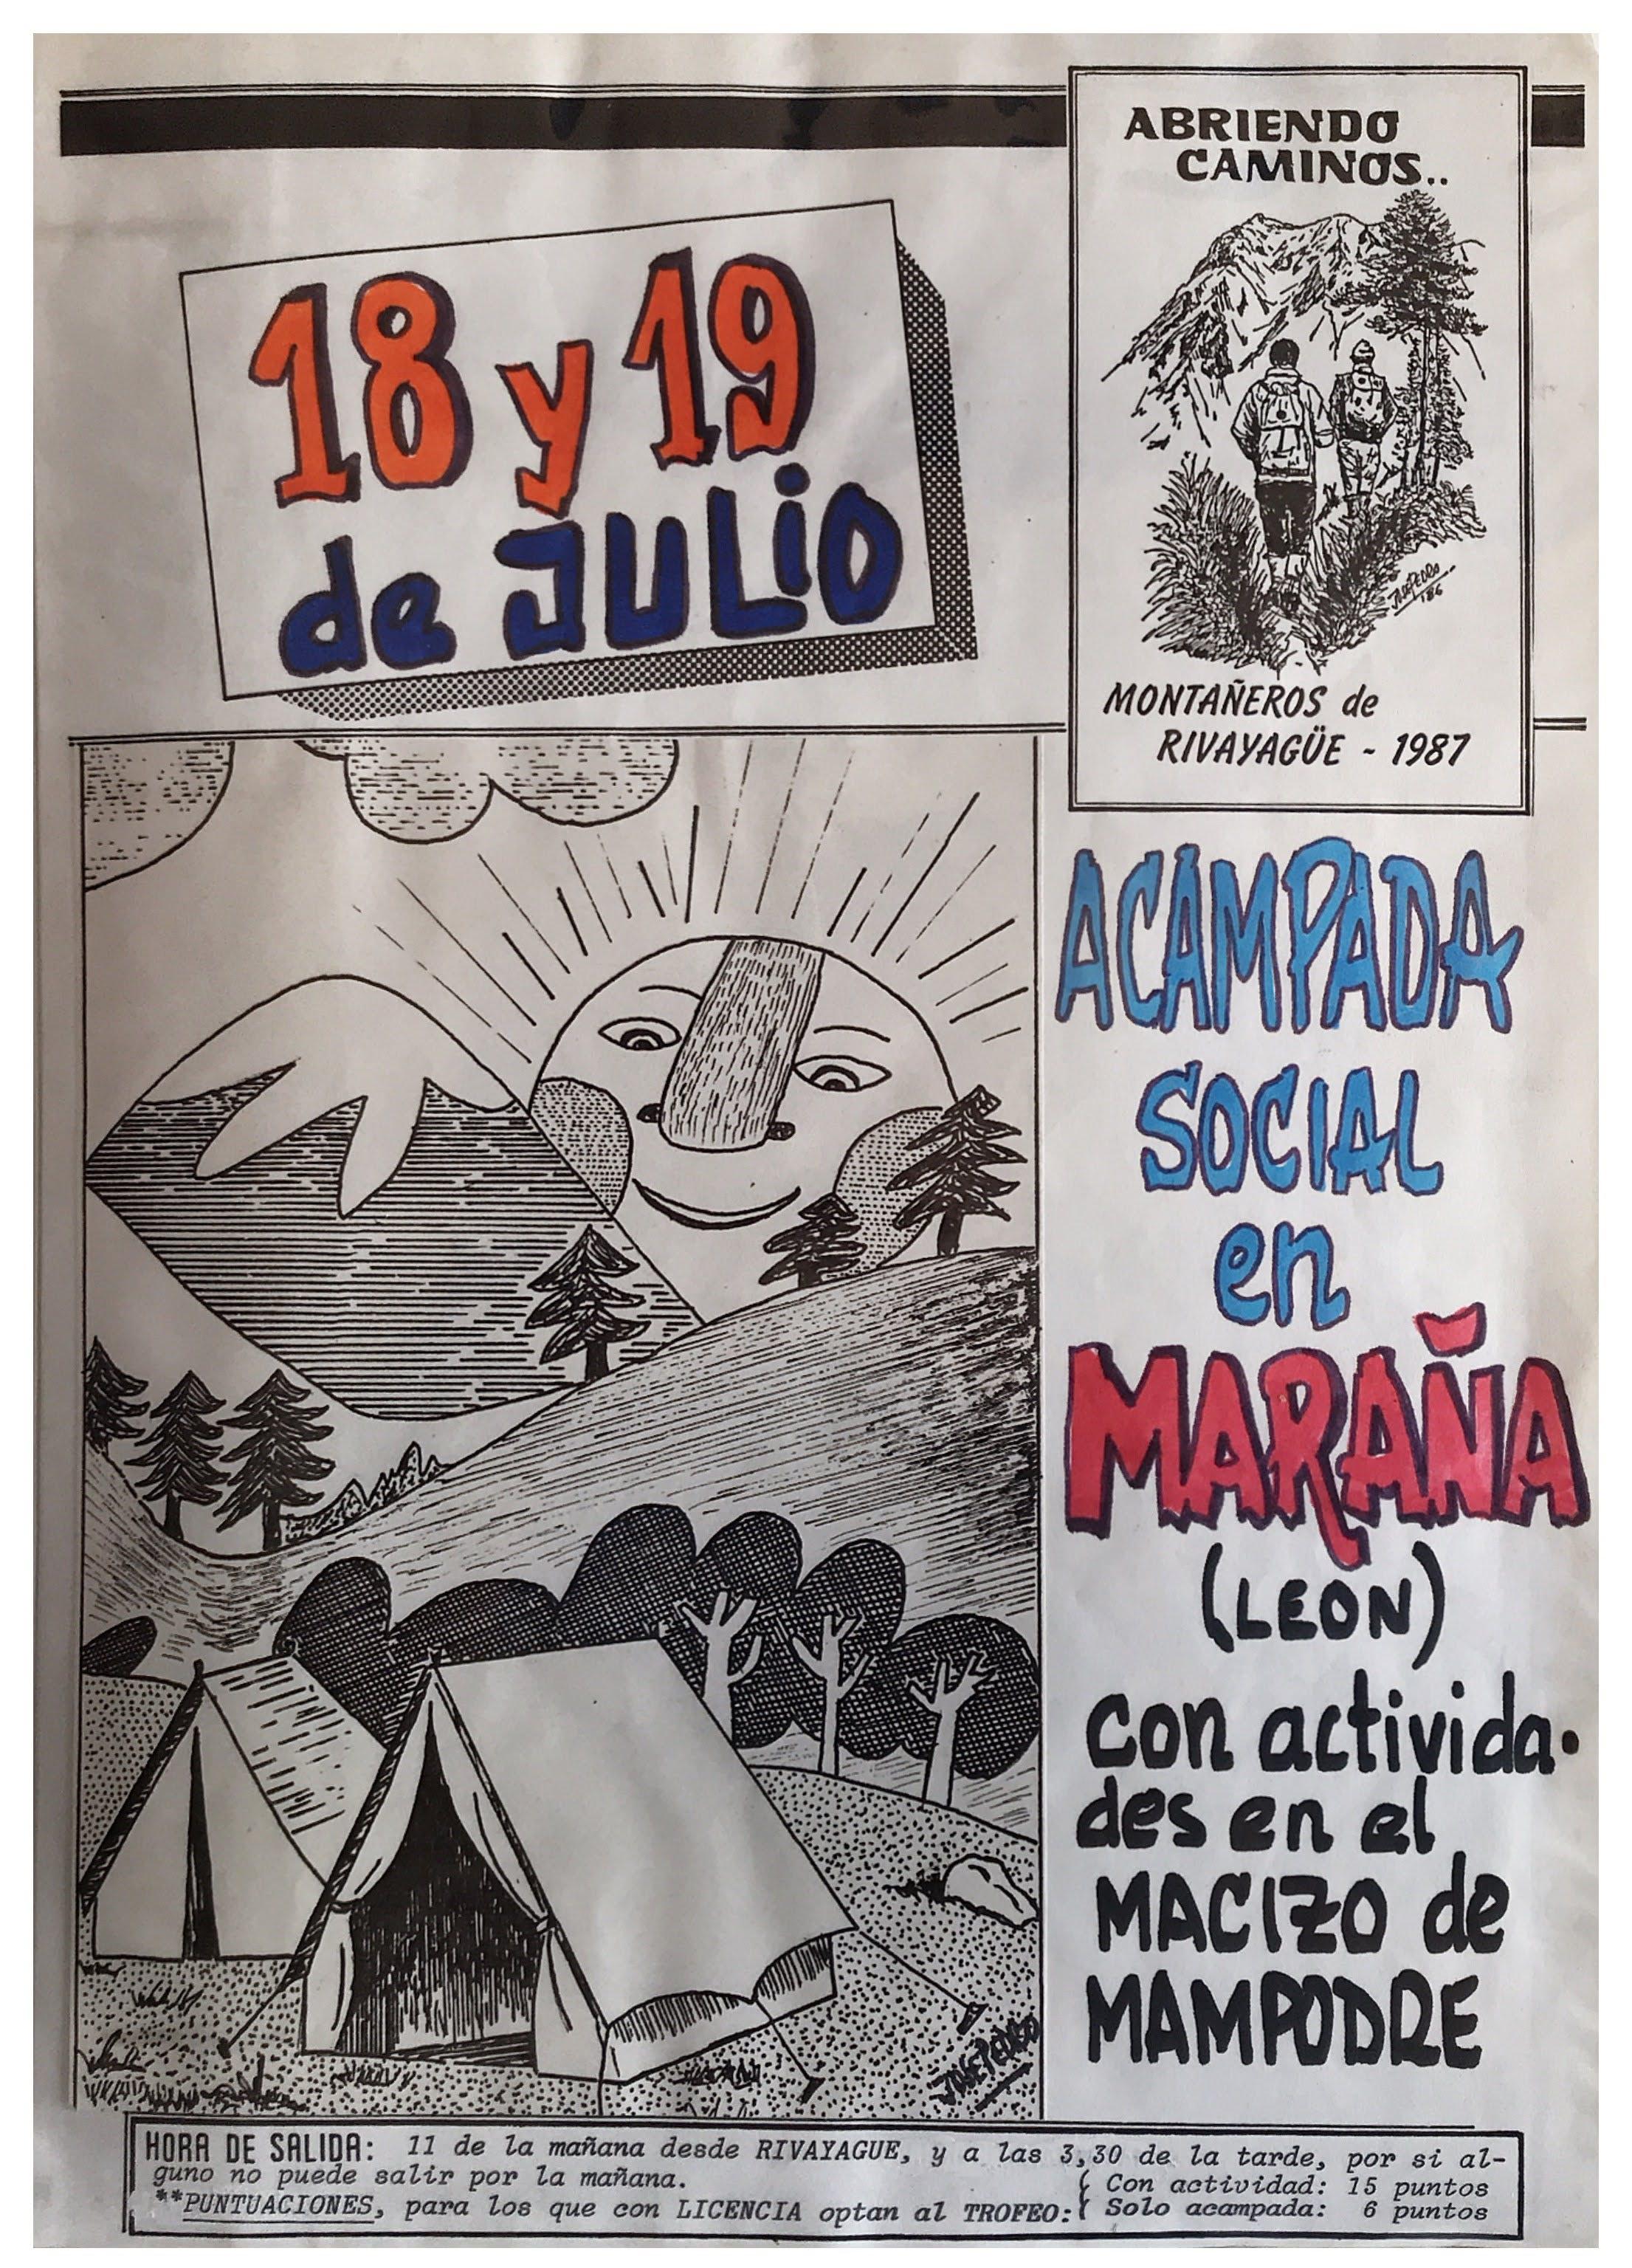 18 y 19 julio, 1987: Acampada social en Maraña (León)